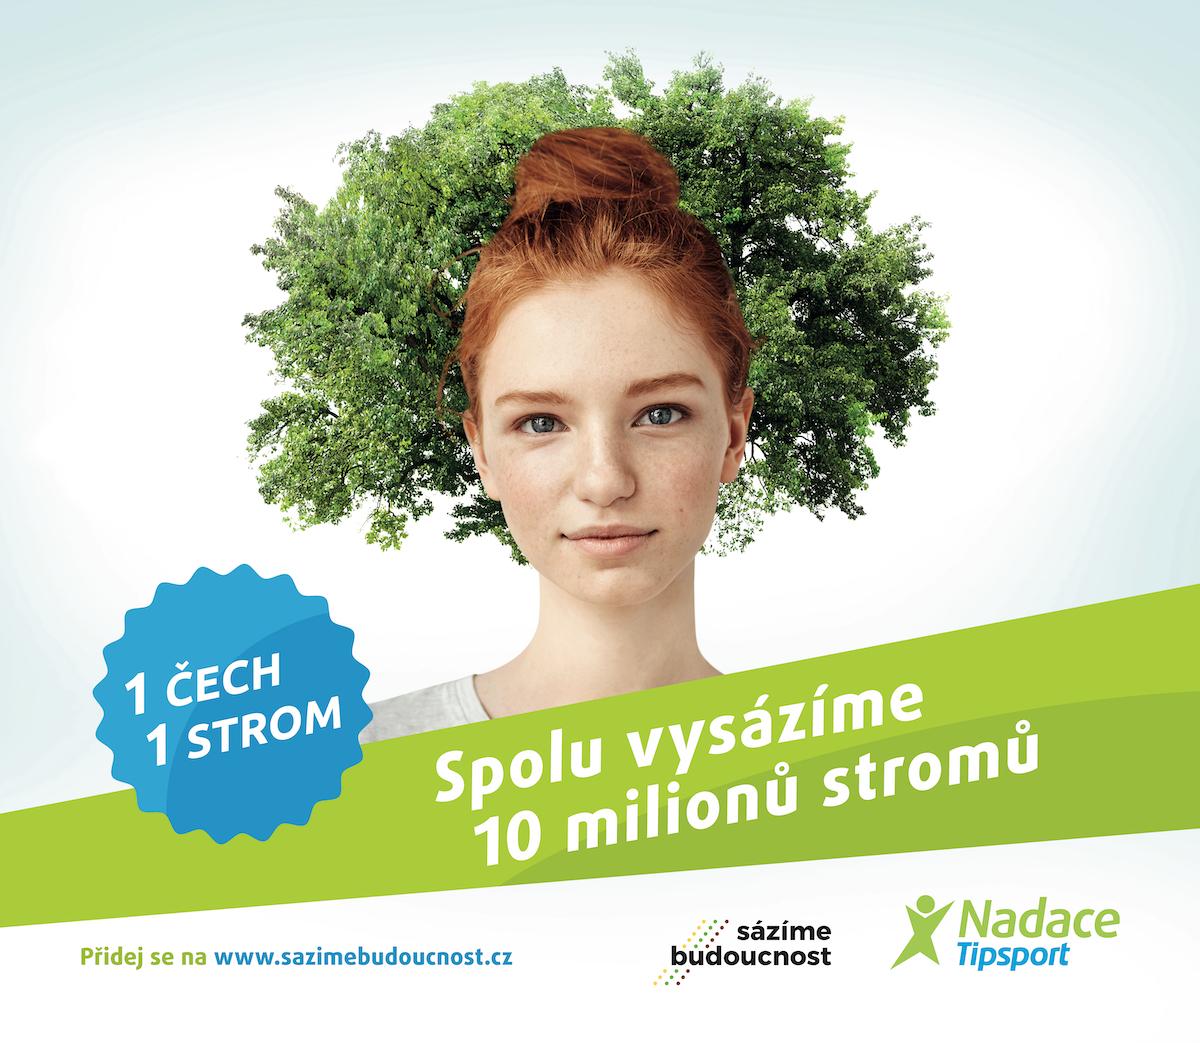 Nadace Tipsport: Jeden Čech, jeden strom